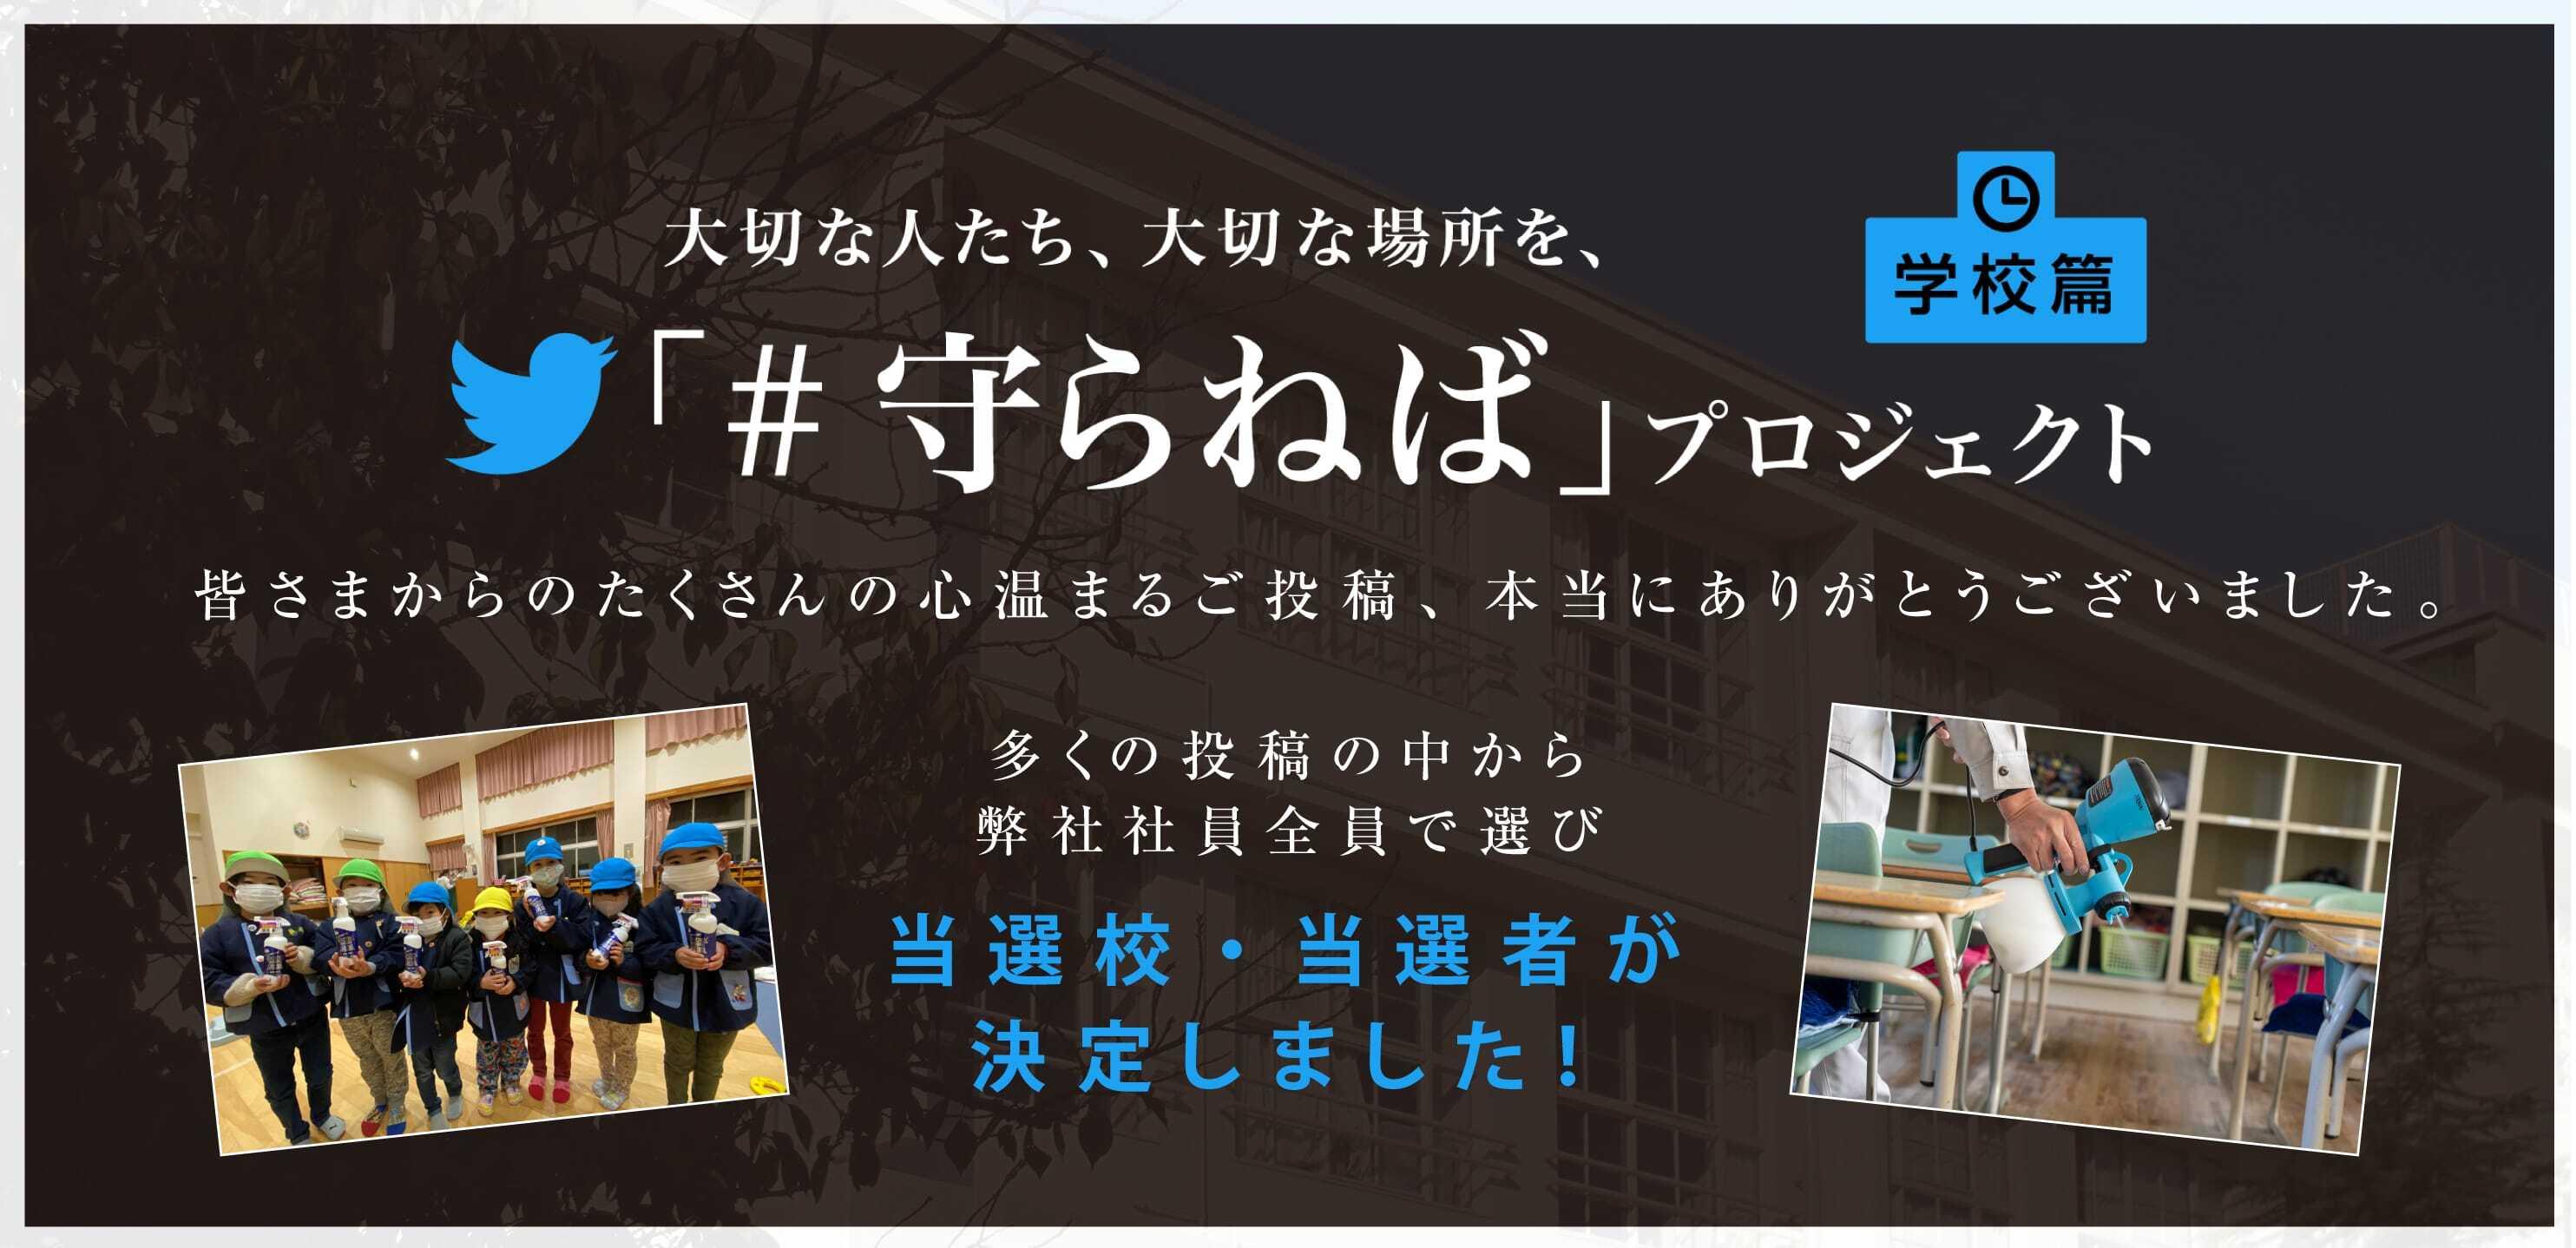 banner: 「#守らねば」プロジェクト